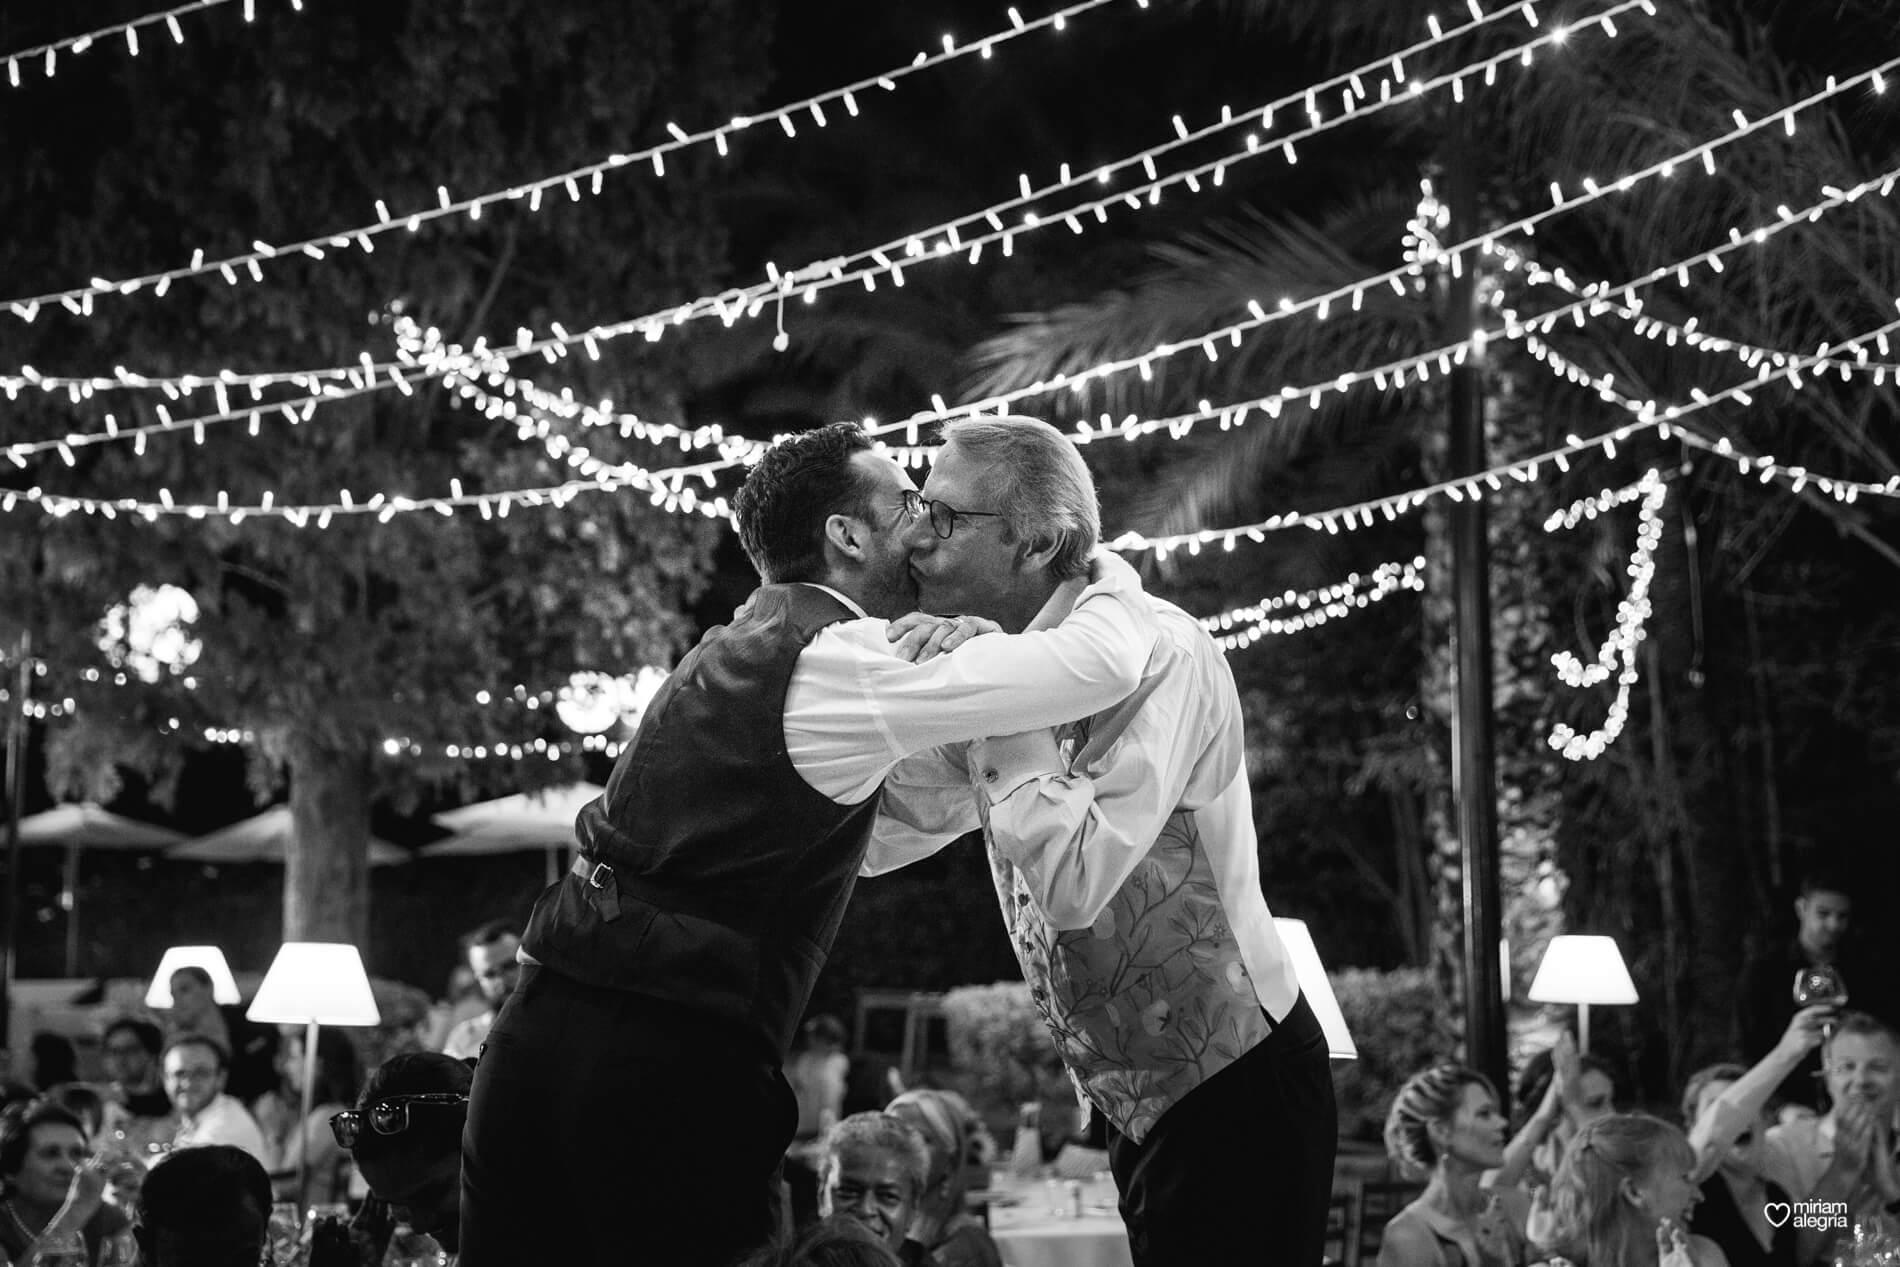 wedding-huerto-del-cura-elche-miriam-alegria-fotografos-boda-92